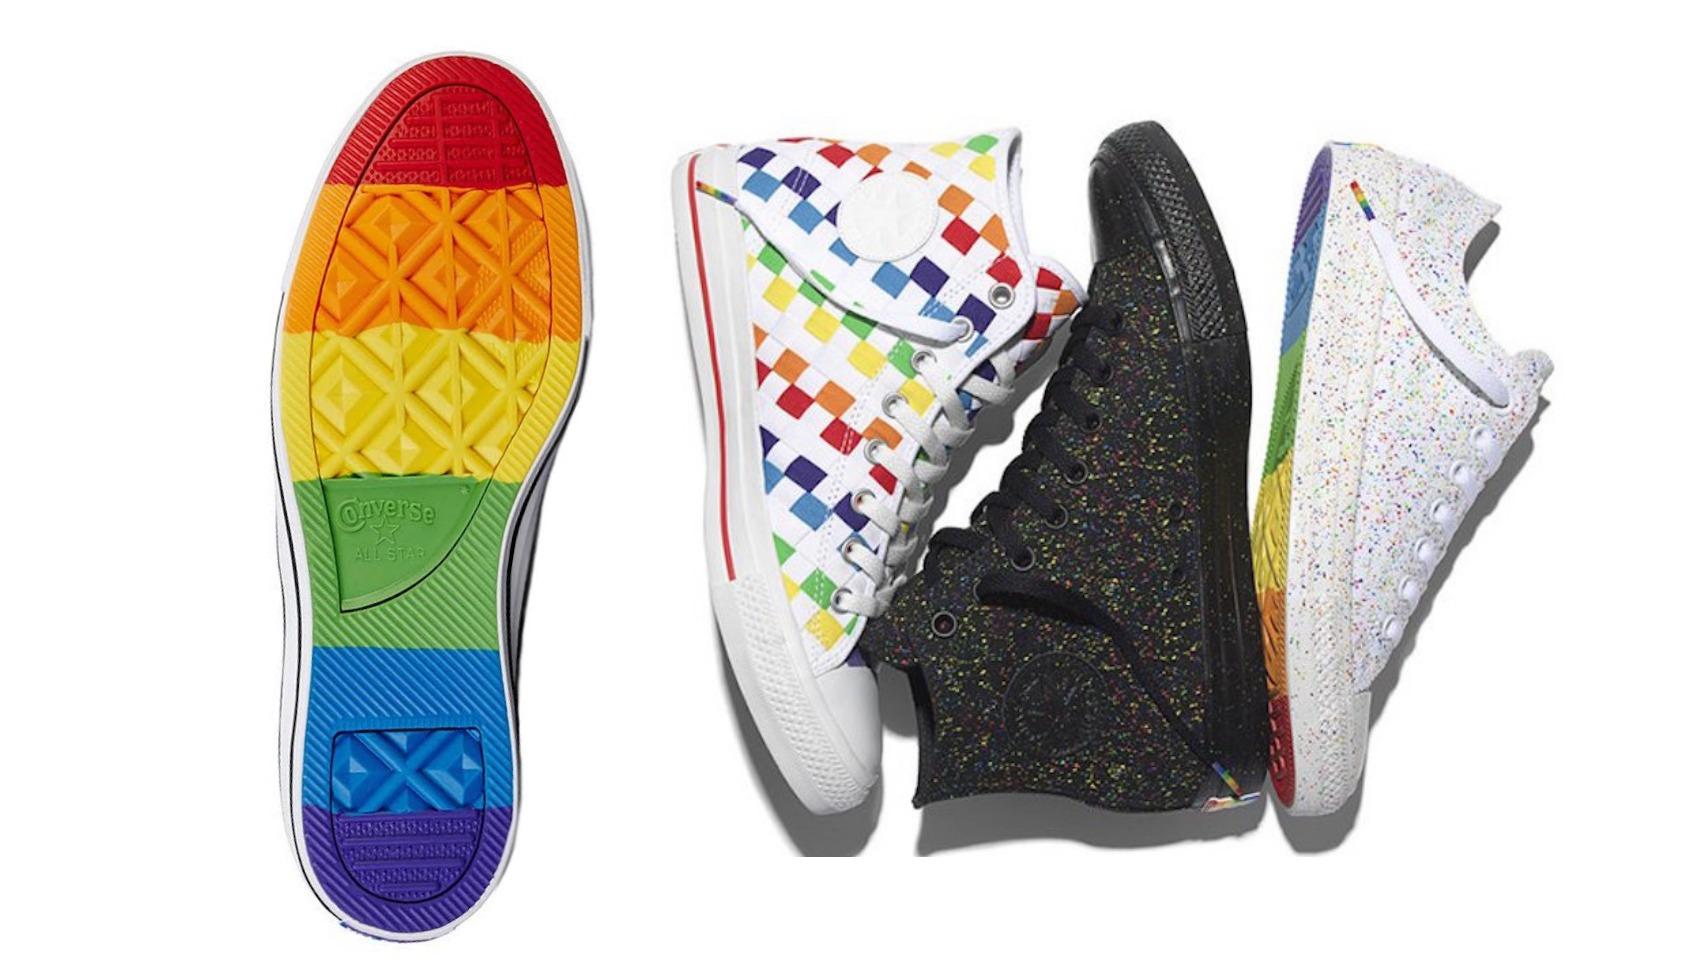 Luce en tus pies los colores del Orgullo con la colección All Star inspirada en el Orgullo 2016.